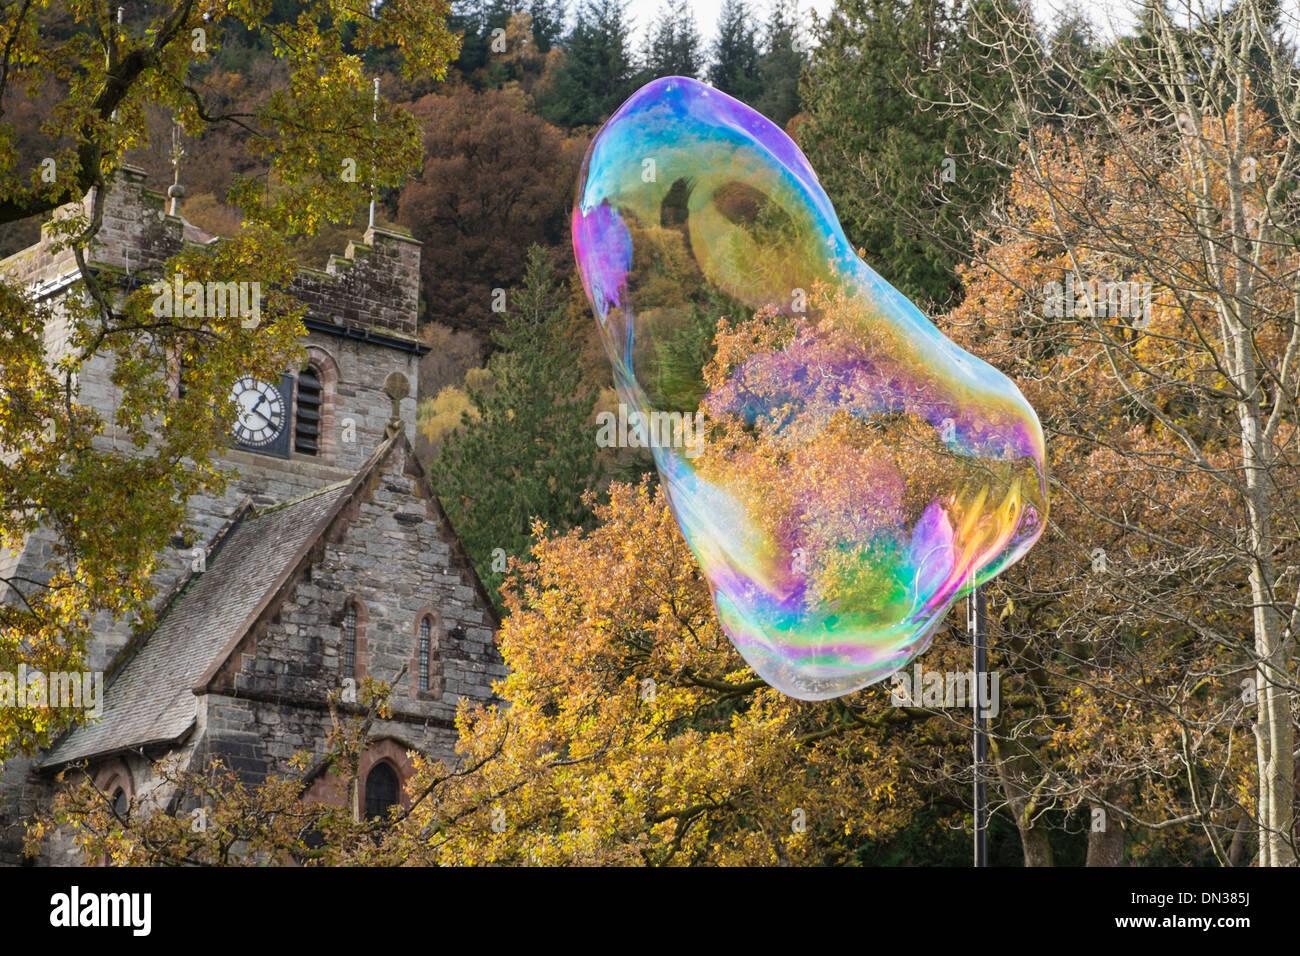 Une bulle de savon géante montrant les couleurs arc-en-ciel flotte dans l'air vers la tour de l'horloge de l'église à Betws-Y-coed, au nord du Pays de Galles, Royaume-Uni, Angleterre Photo Stock